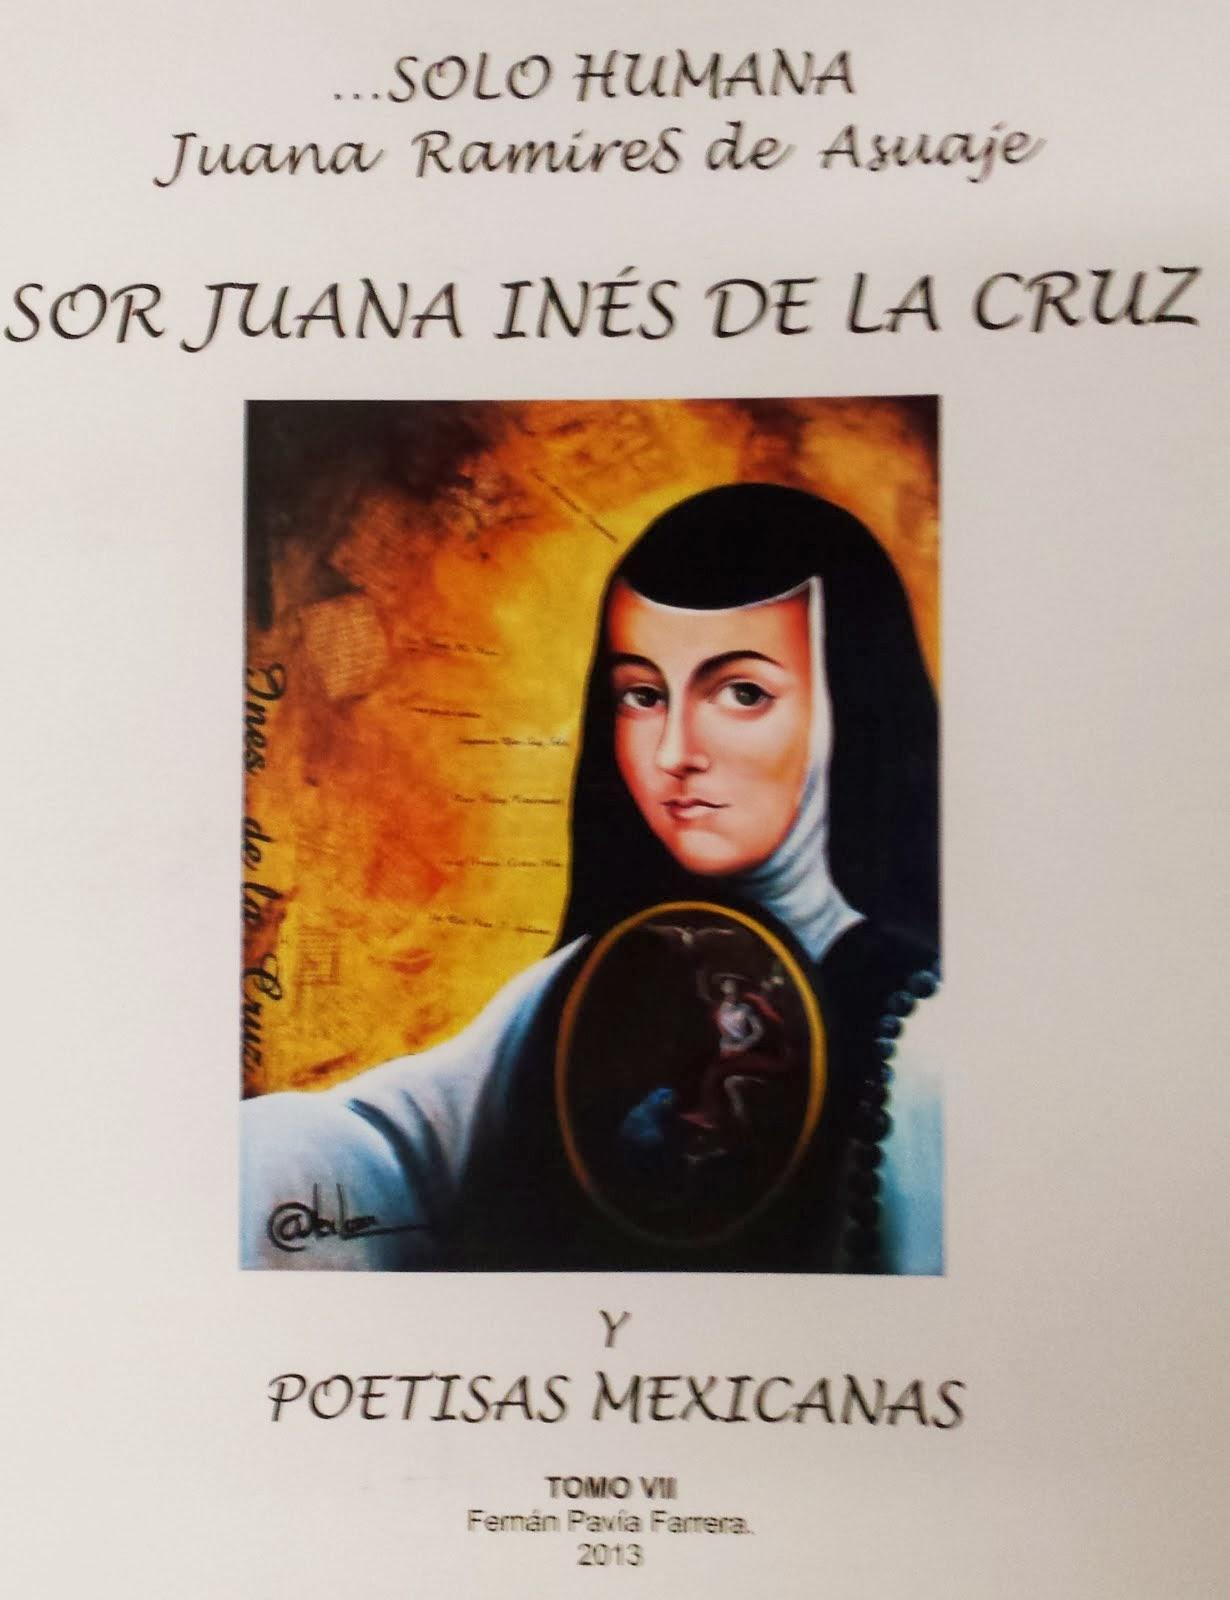 SOR JUANA INÉS DE LA CRUZ Y POETISAS MEXICANAS